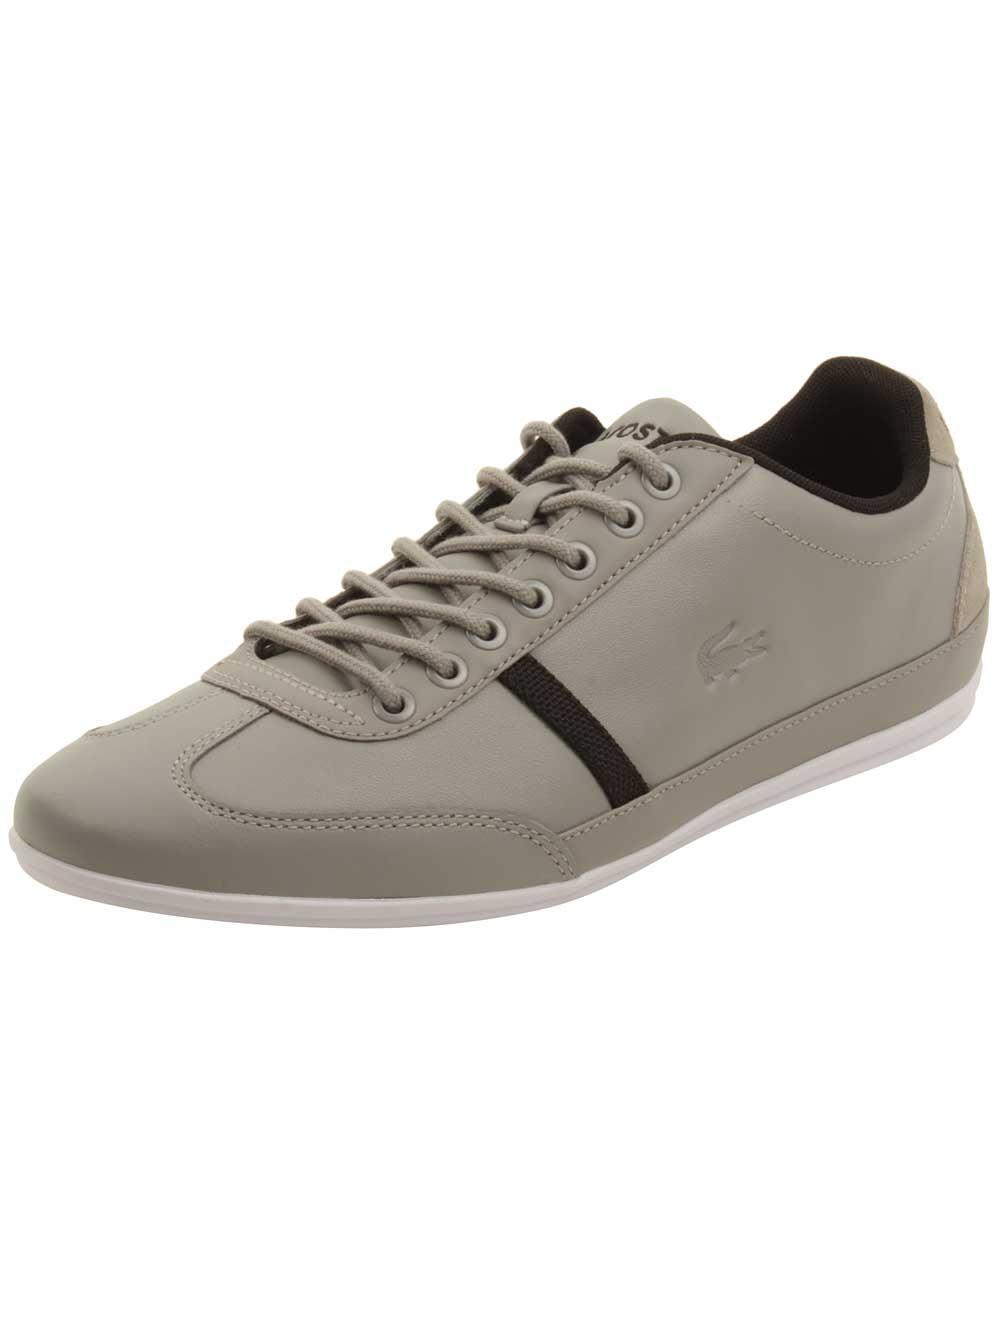 Lacoste Men's Misano Sport 317 US Sneaker